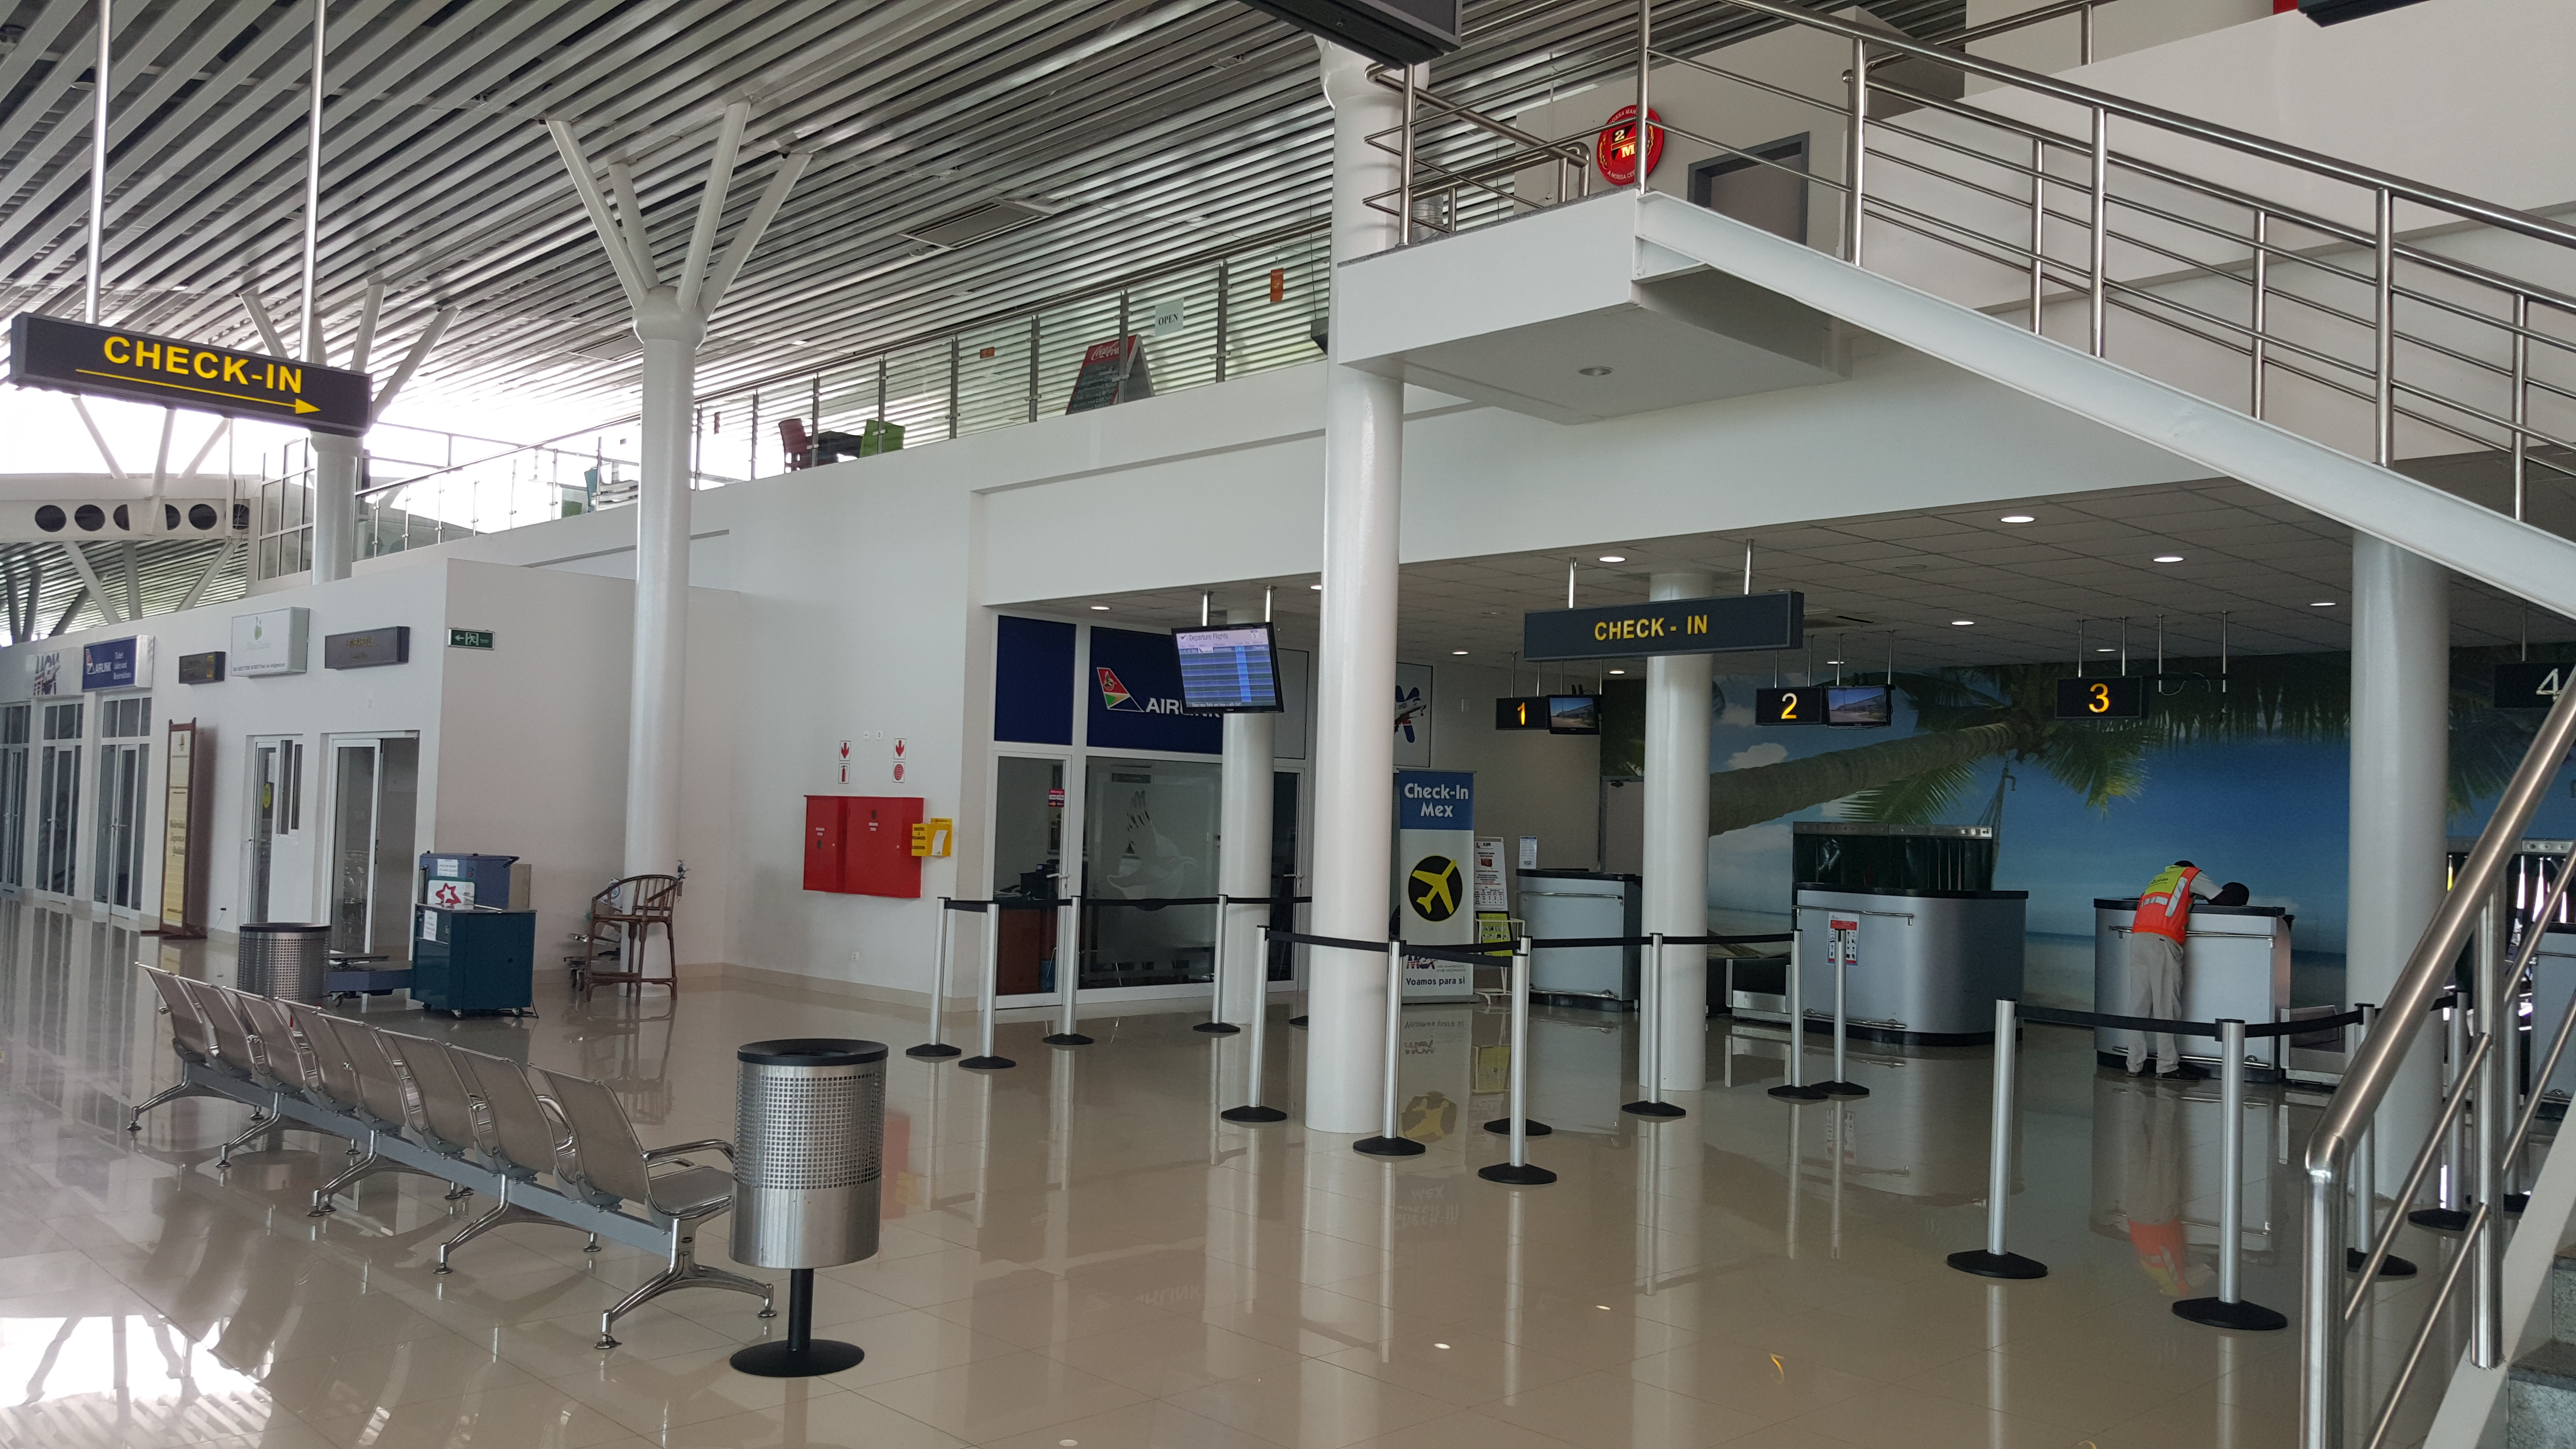 Surpresa boa: o aeroporto de Vilanculos, de onde partem os helicópteros da XXXXX, é novinho em folha e bem organizado